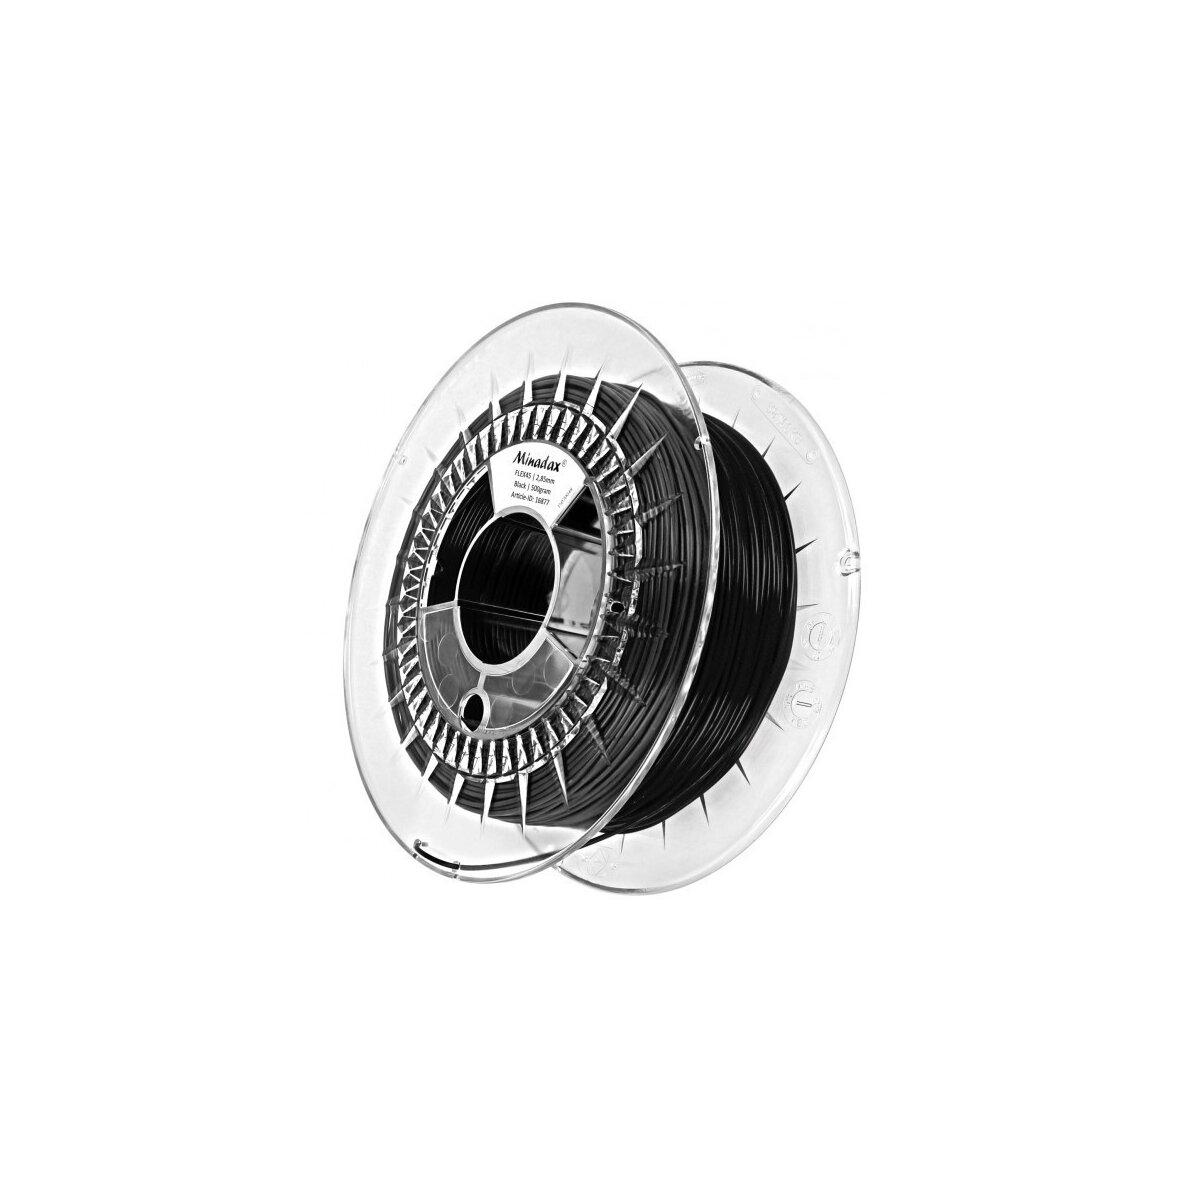 Minadax® 0,5kg Premium Qualitaet 2,85mm 3mm FLEX-Filament schwarz fuer 3D-Drucker hergestellt in Europa